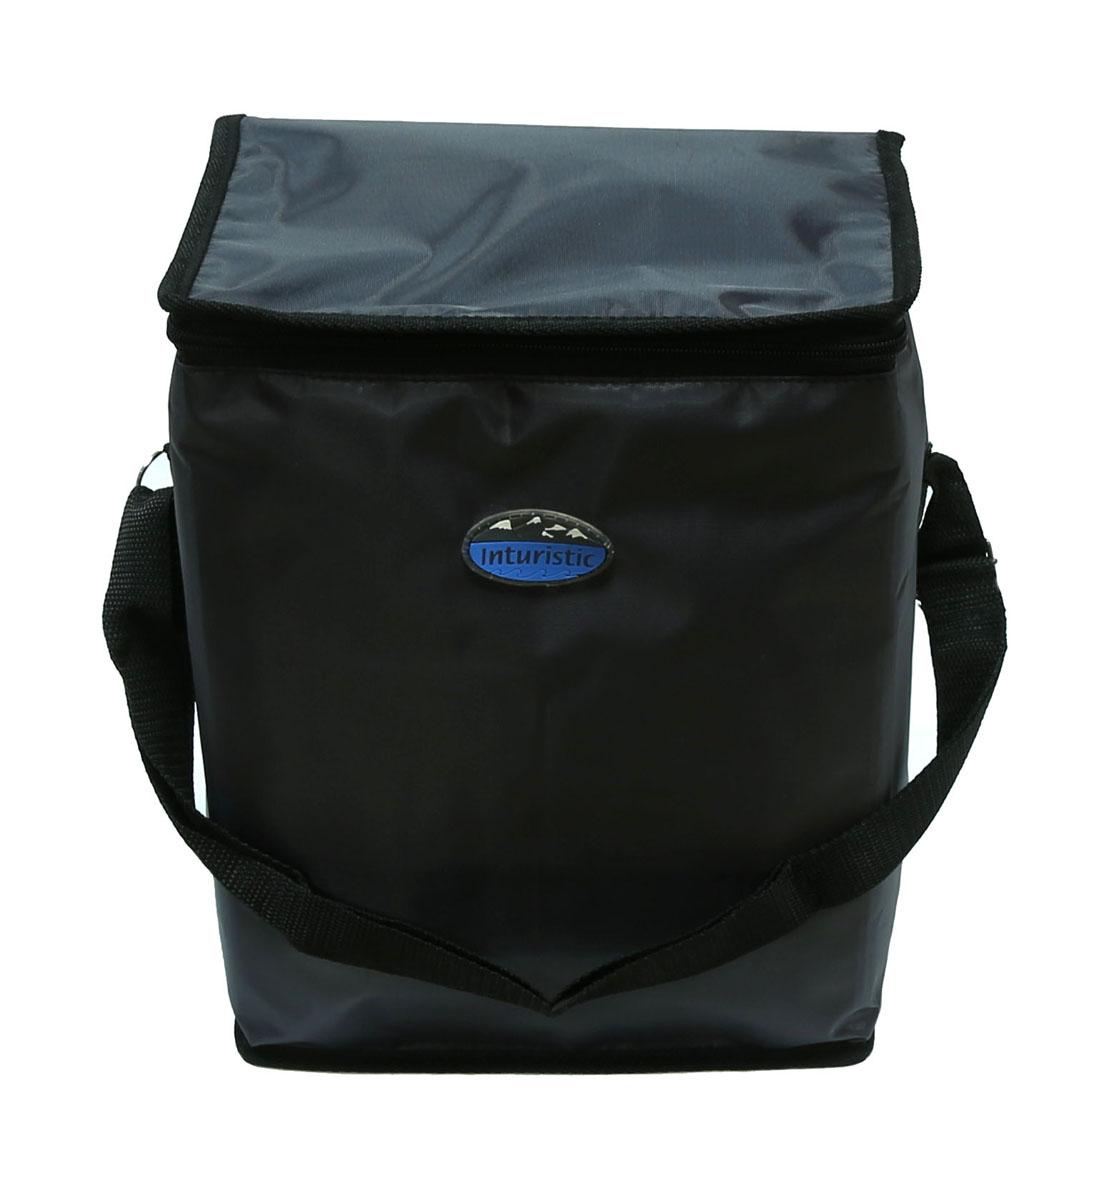 Сумка изотермическая Inturistic, цвет: серый,17л128533-1Изотермическая сумка поможет сохранить температуру пищи и напитков в течение нескольких часов. Будет удобна при поездках на дачу, на пикник и дальних путешествиях.Коэффициент теплового отражения не менее 90%. Температурный диапазон применения от - 60С до 140С. Вмещает по высоте до 6 ПЭТ бутылок ёмкостью 1,5 л. с прохладительными напитками. Наибольший эффект достигается при использовании аккумуляторов холода. Имеется карман для аккумулятора холода. Карман можно использовать для переноски необходимых мелочей. Удобная для переноски контейнеров с едой и ланч боксов.